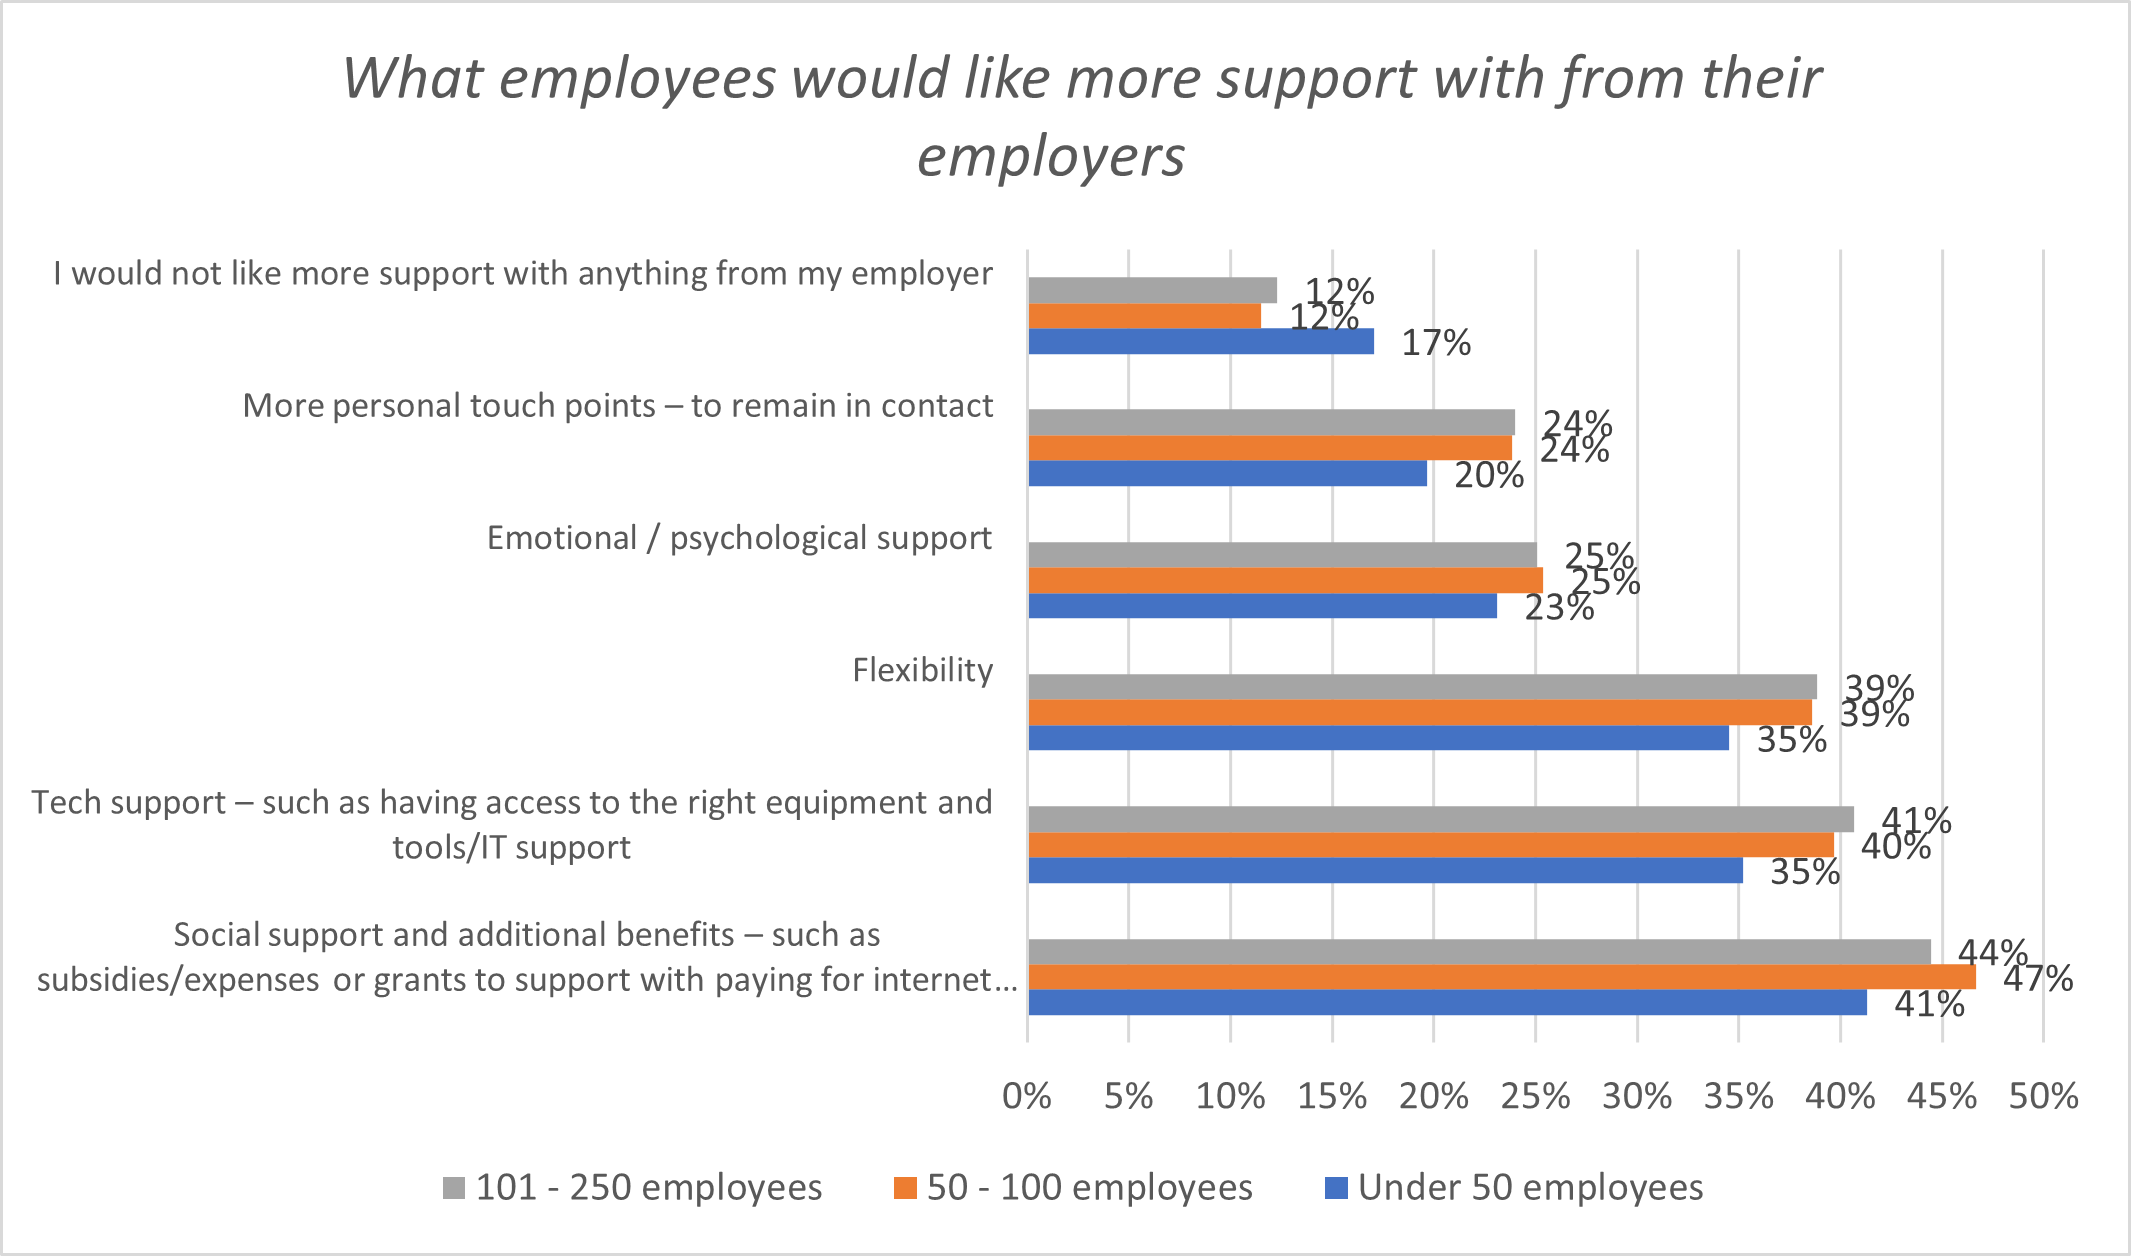 Autosuficient: personalul din companiile mici are nevoie de sprijinul angajatorilor mai puțin decât cel din firmele mai mari